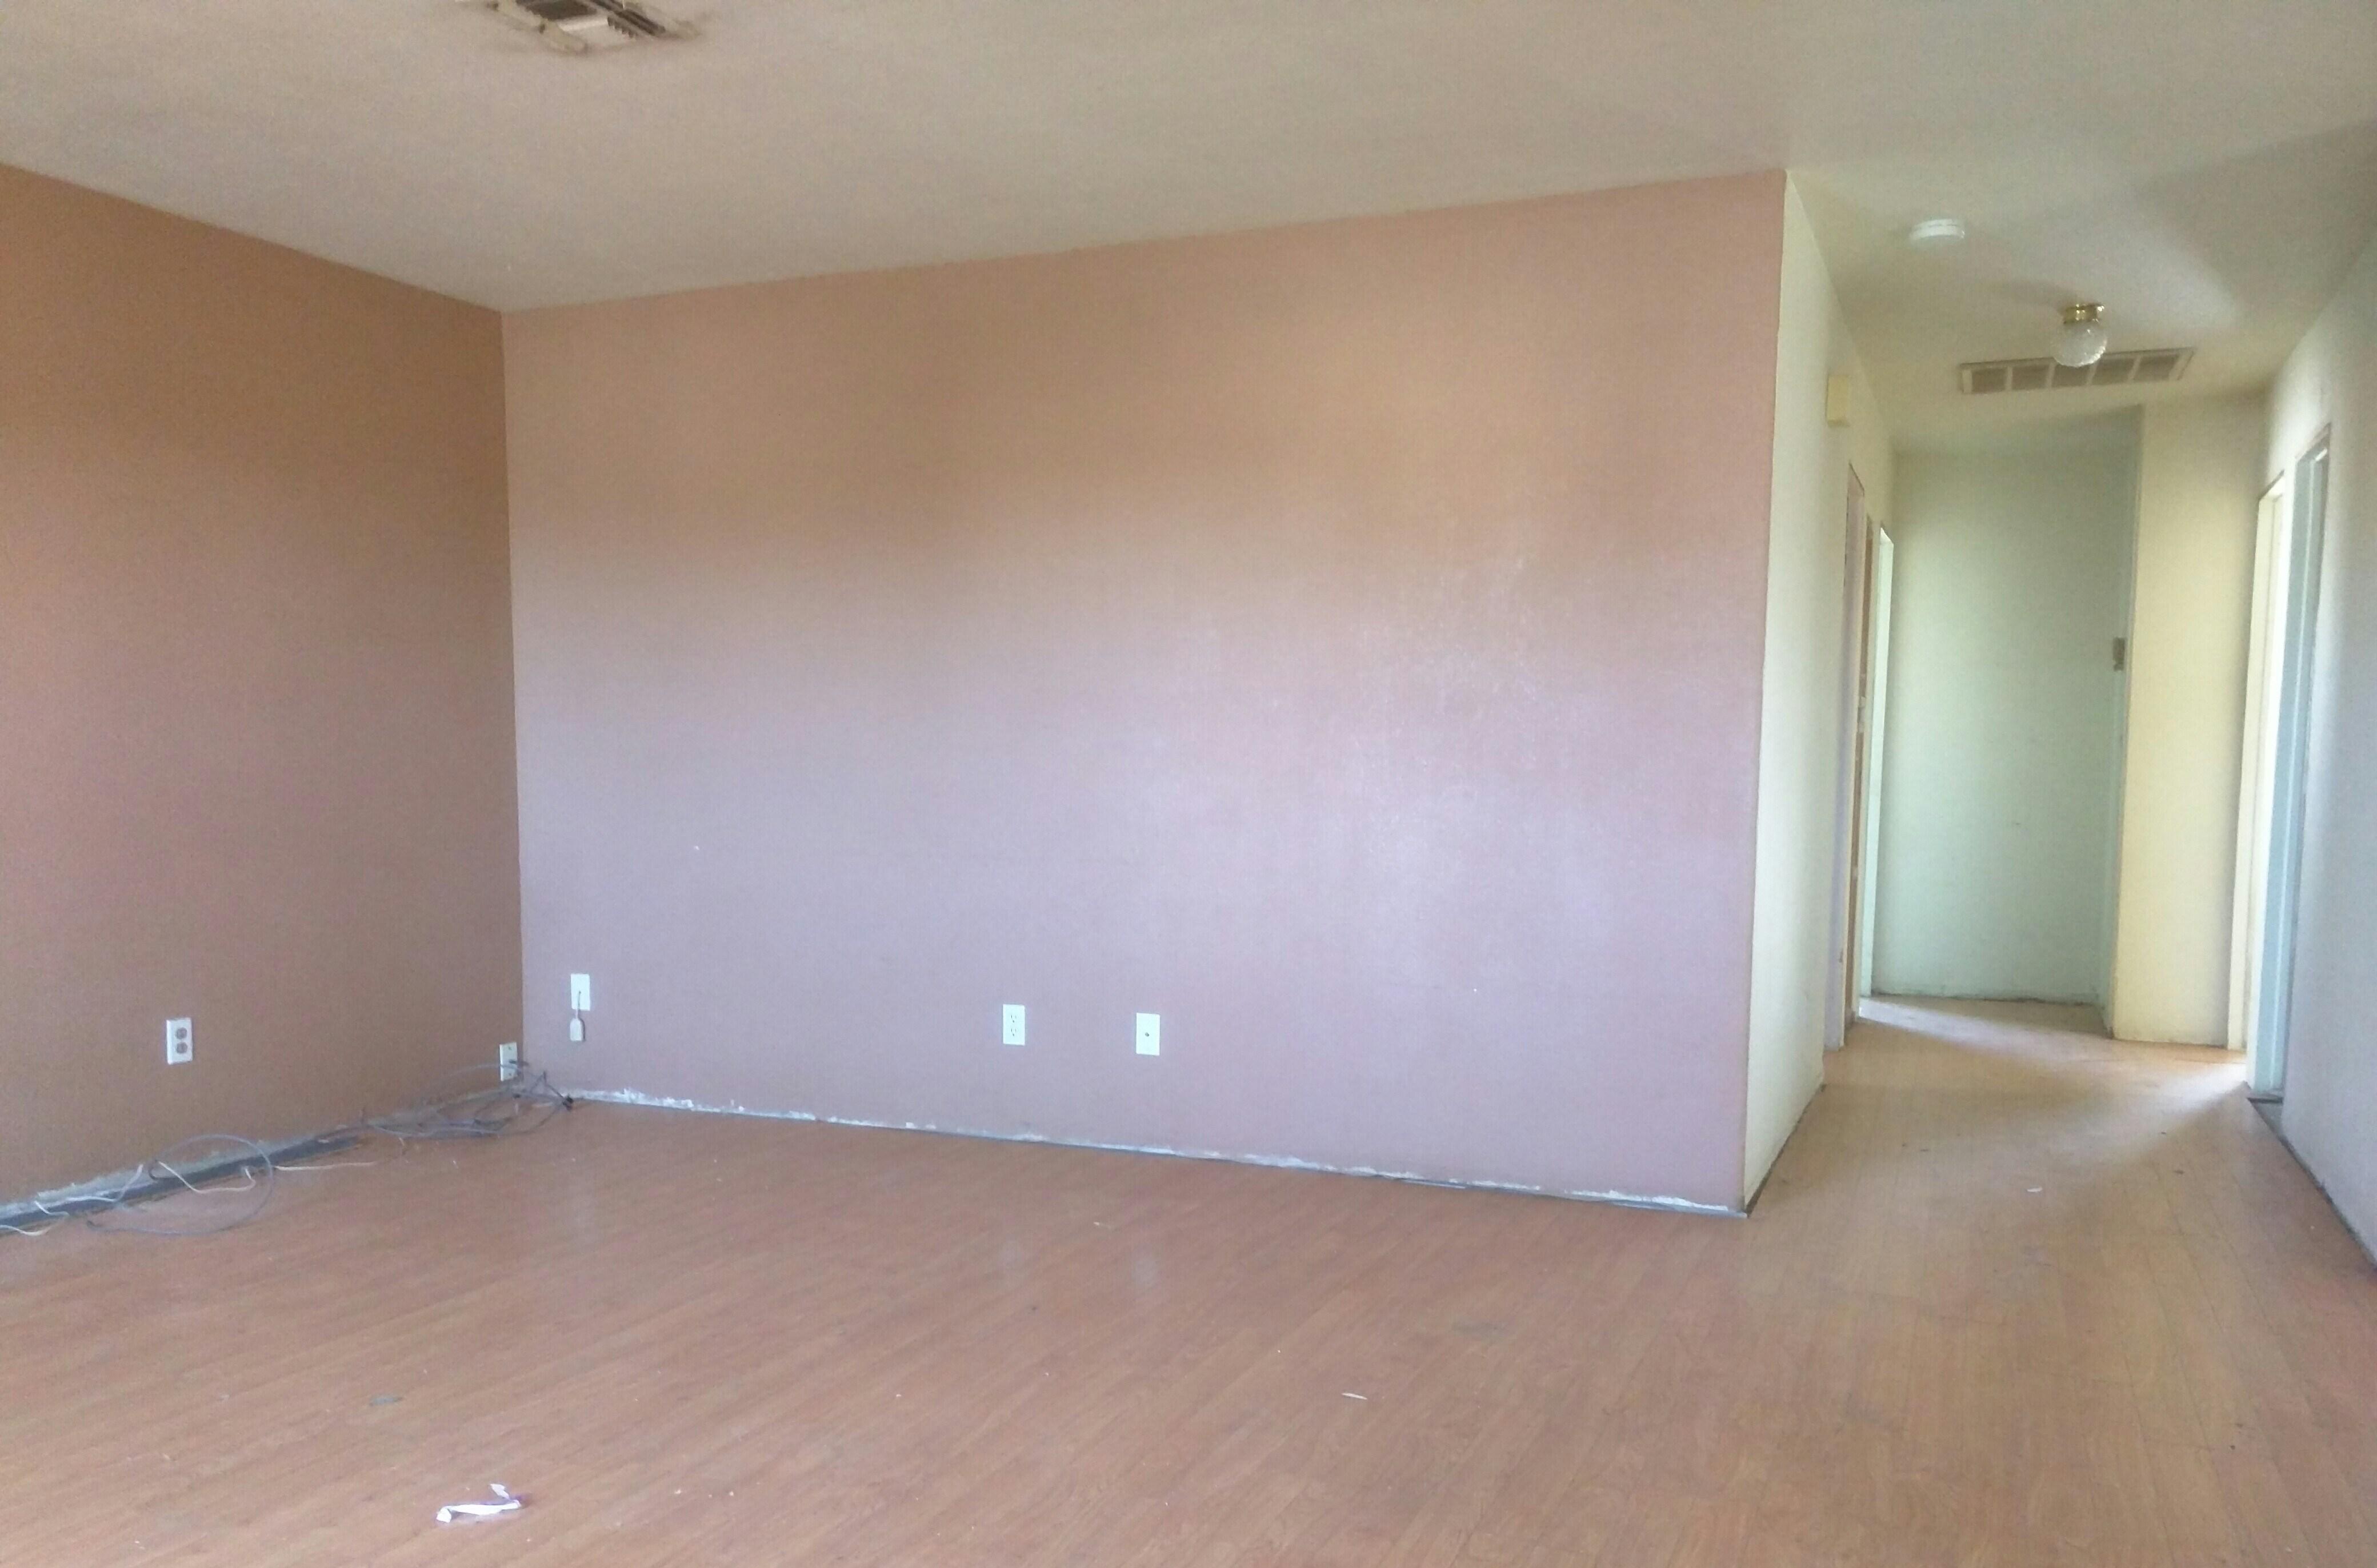 2708 Wikieup Ave, Kingman, AZ 86401